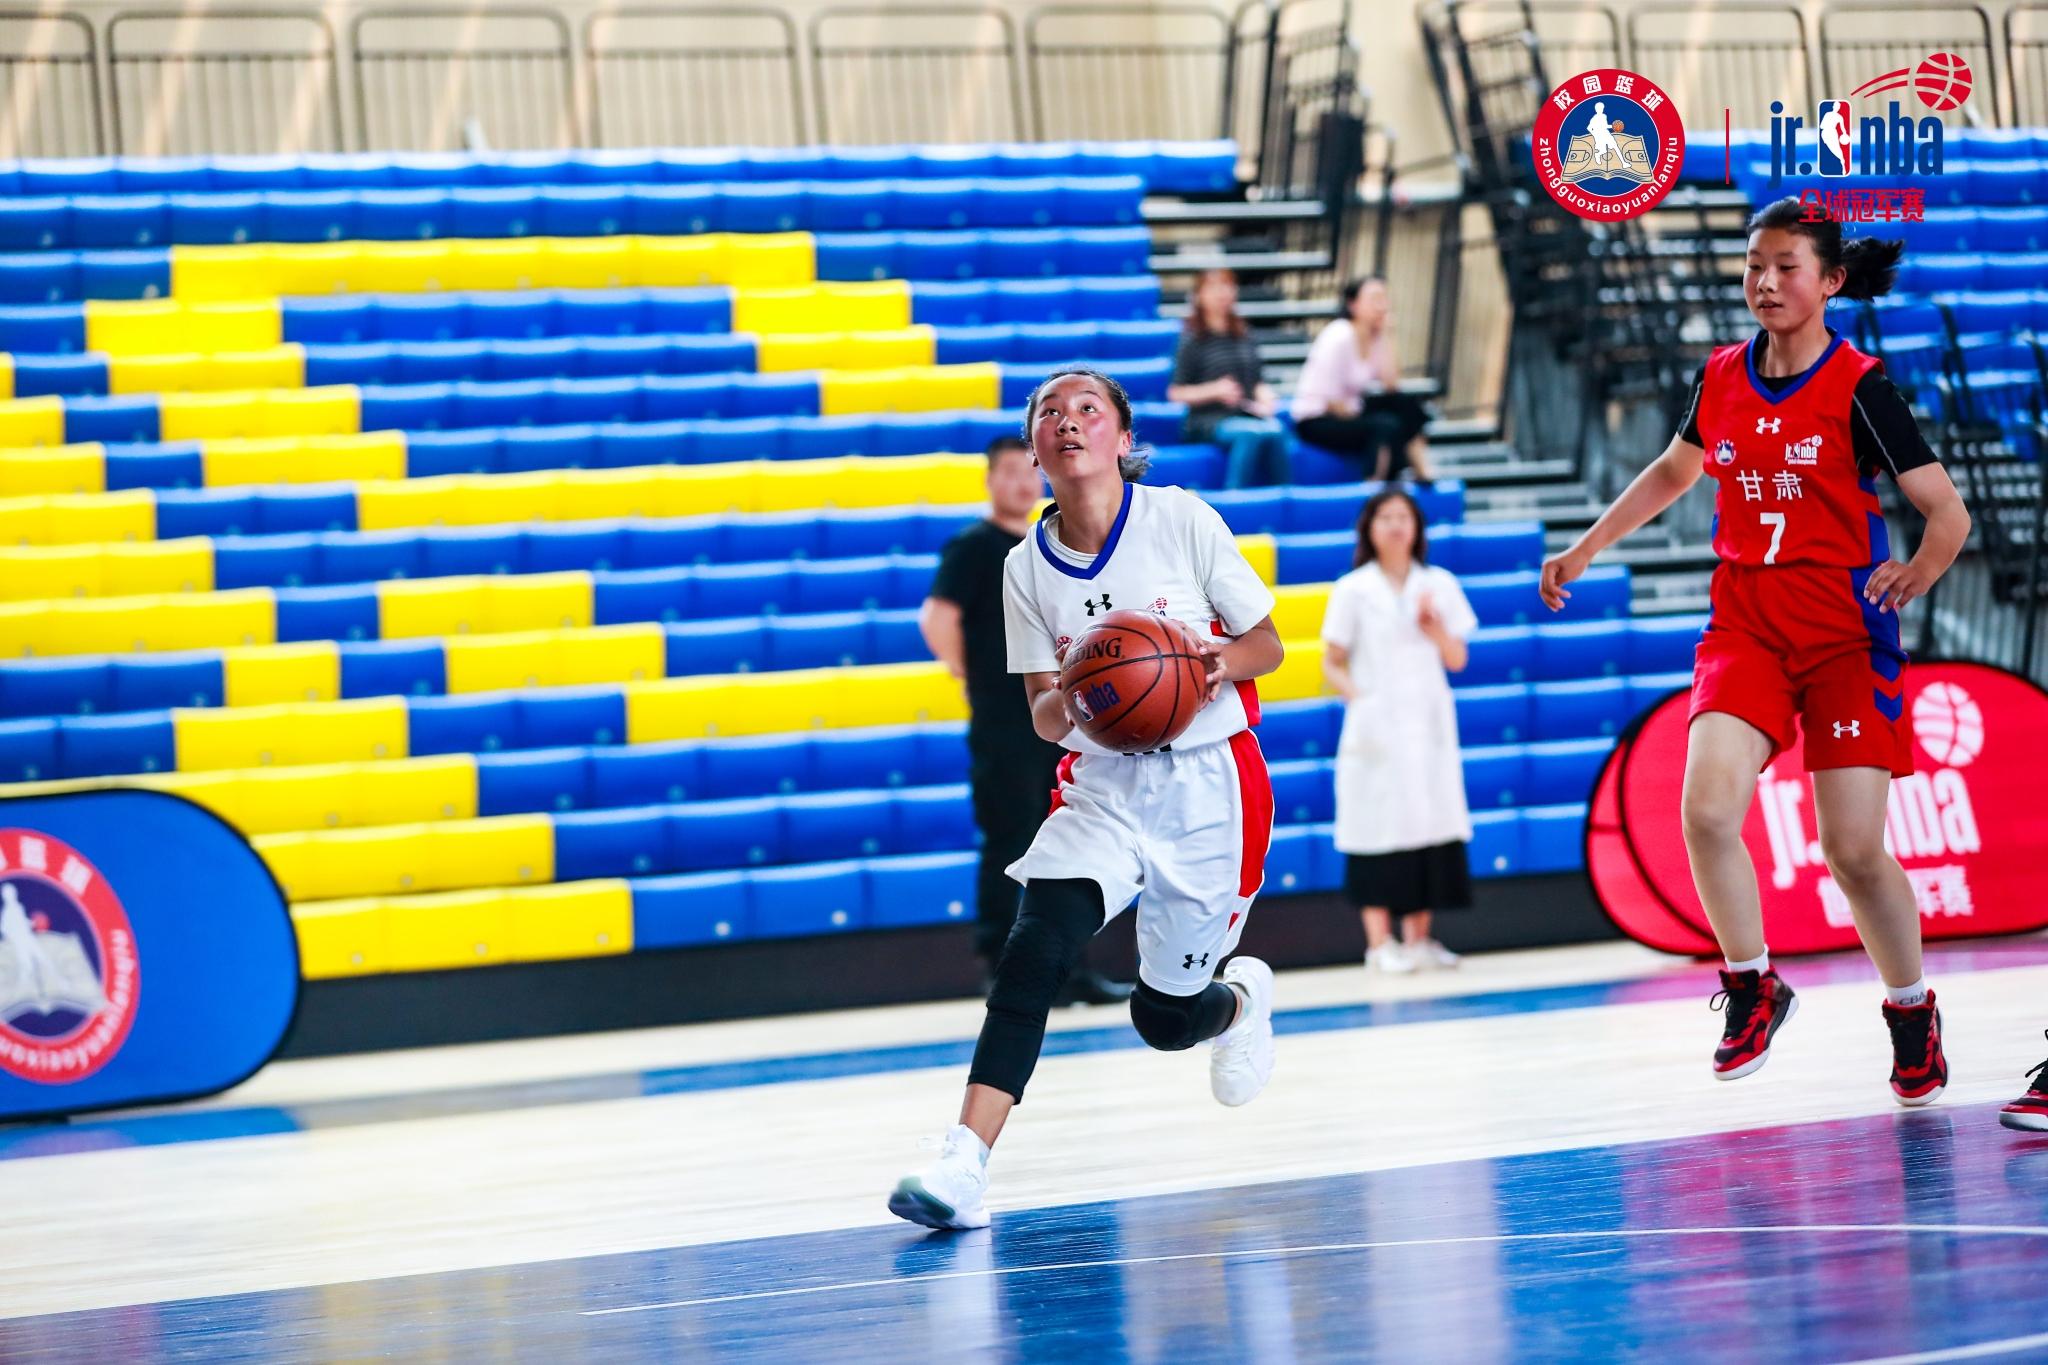 德钦中学女篮斩获全国校园篮球冠军赛西南赛区(初中组)季军